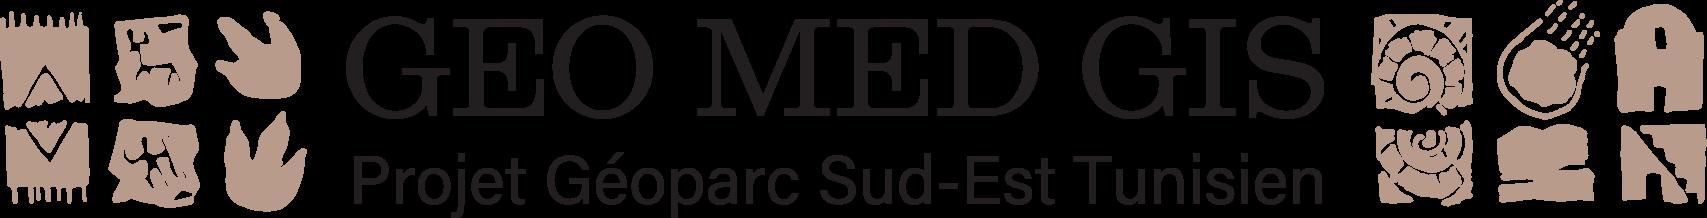 logo GEO MED GIS projet